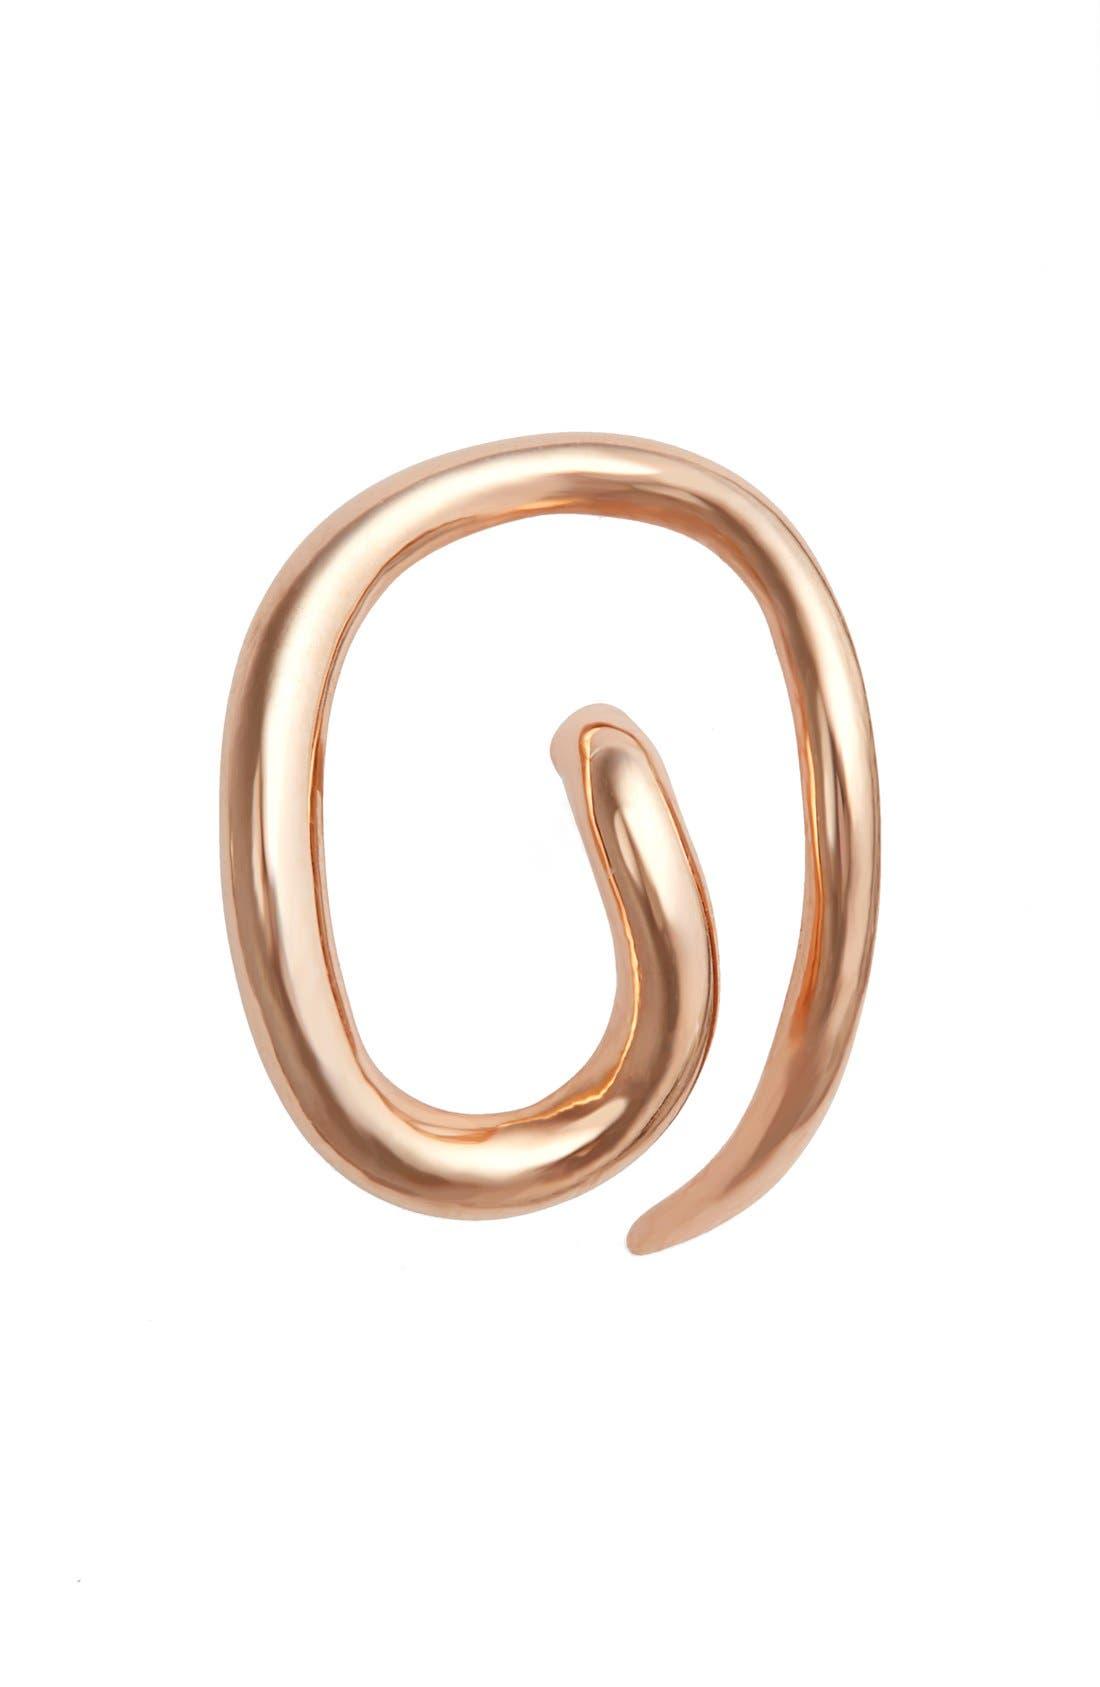 Charlotte Chesnais 'Whirl' Earring